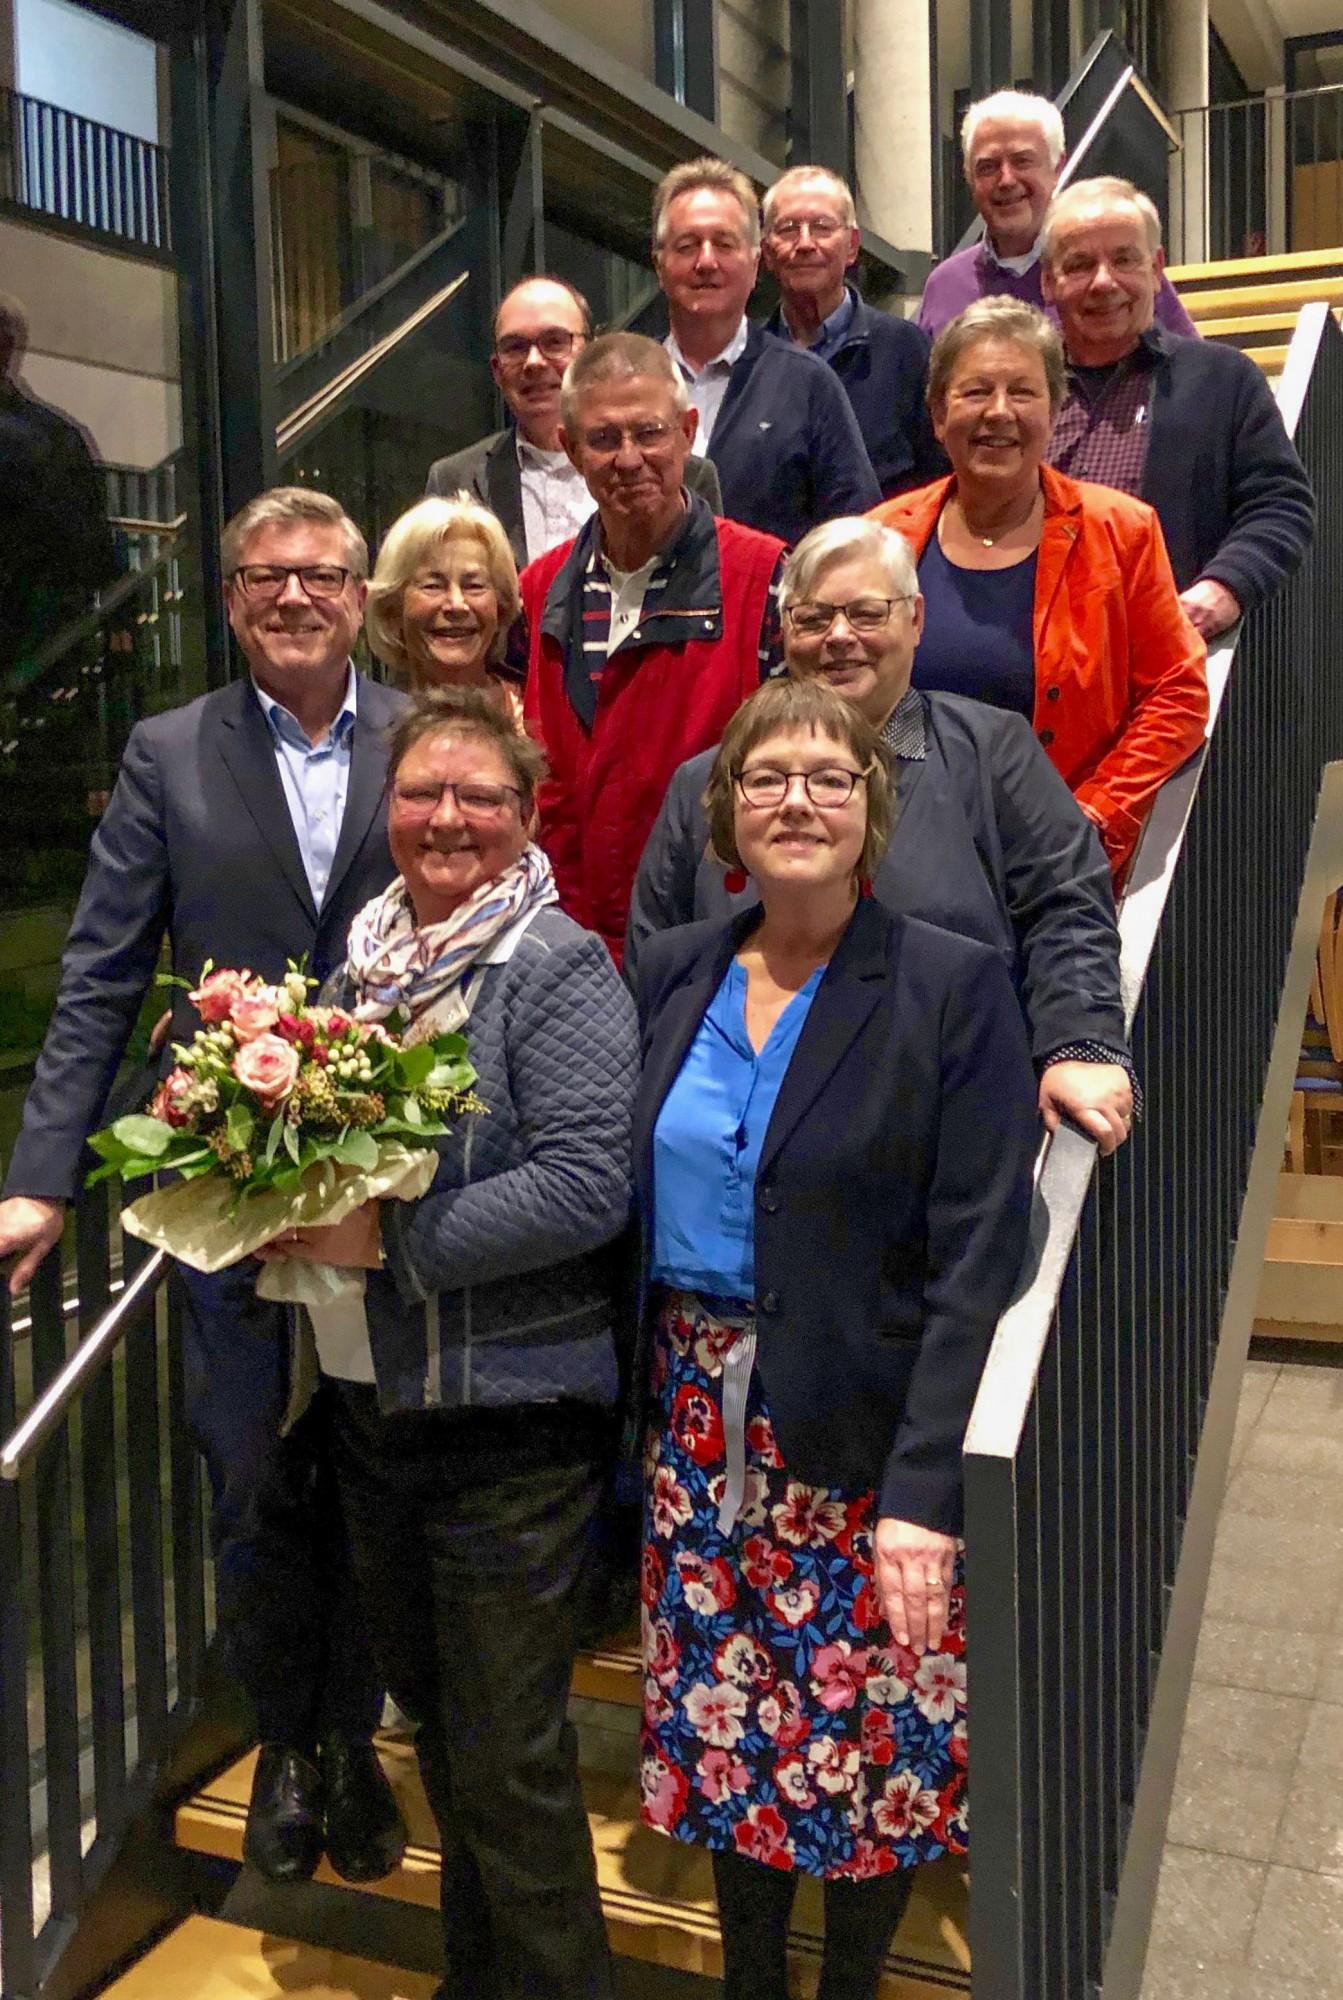 Der neue Vorstand und Ulla Pardemann (m. Blumen), die als langjährige Vizepräsidentin verabschiedet wurde. (Foto: privat)